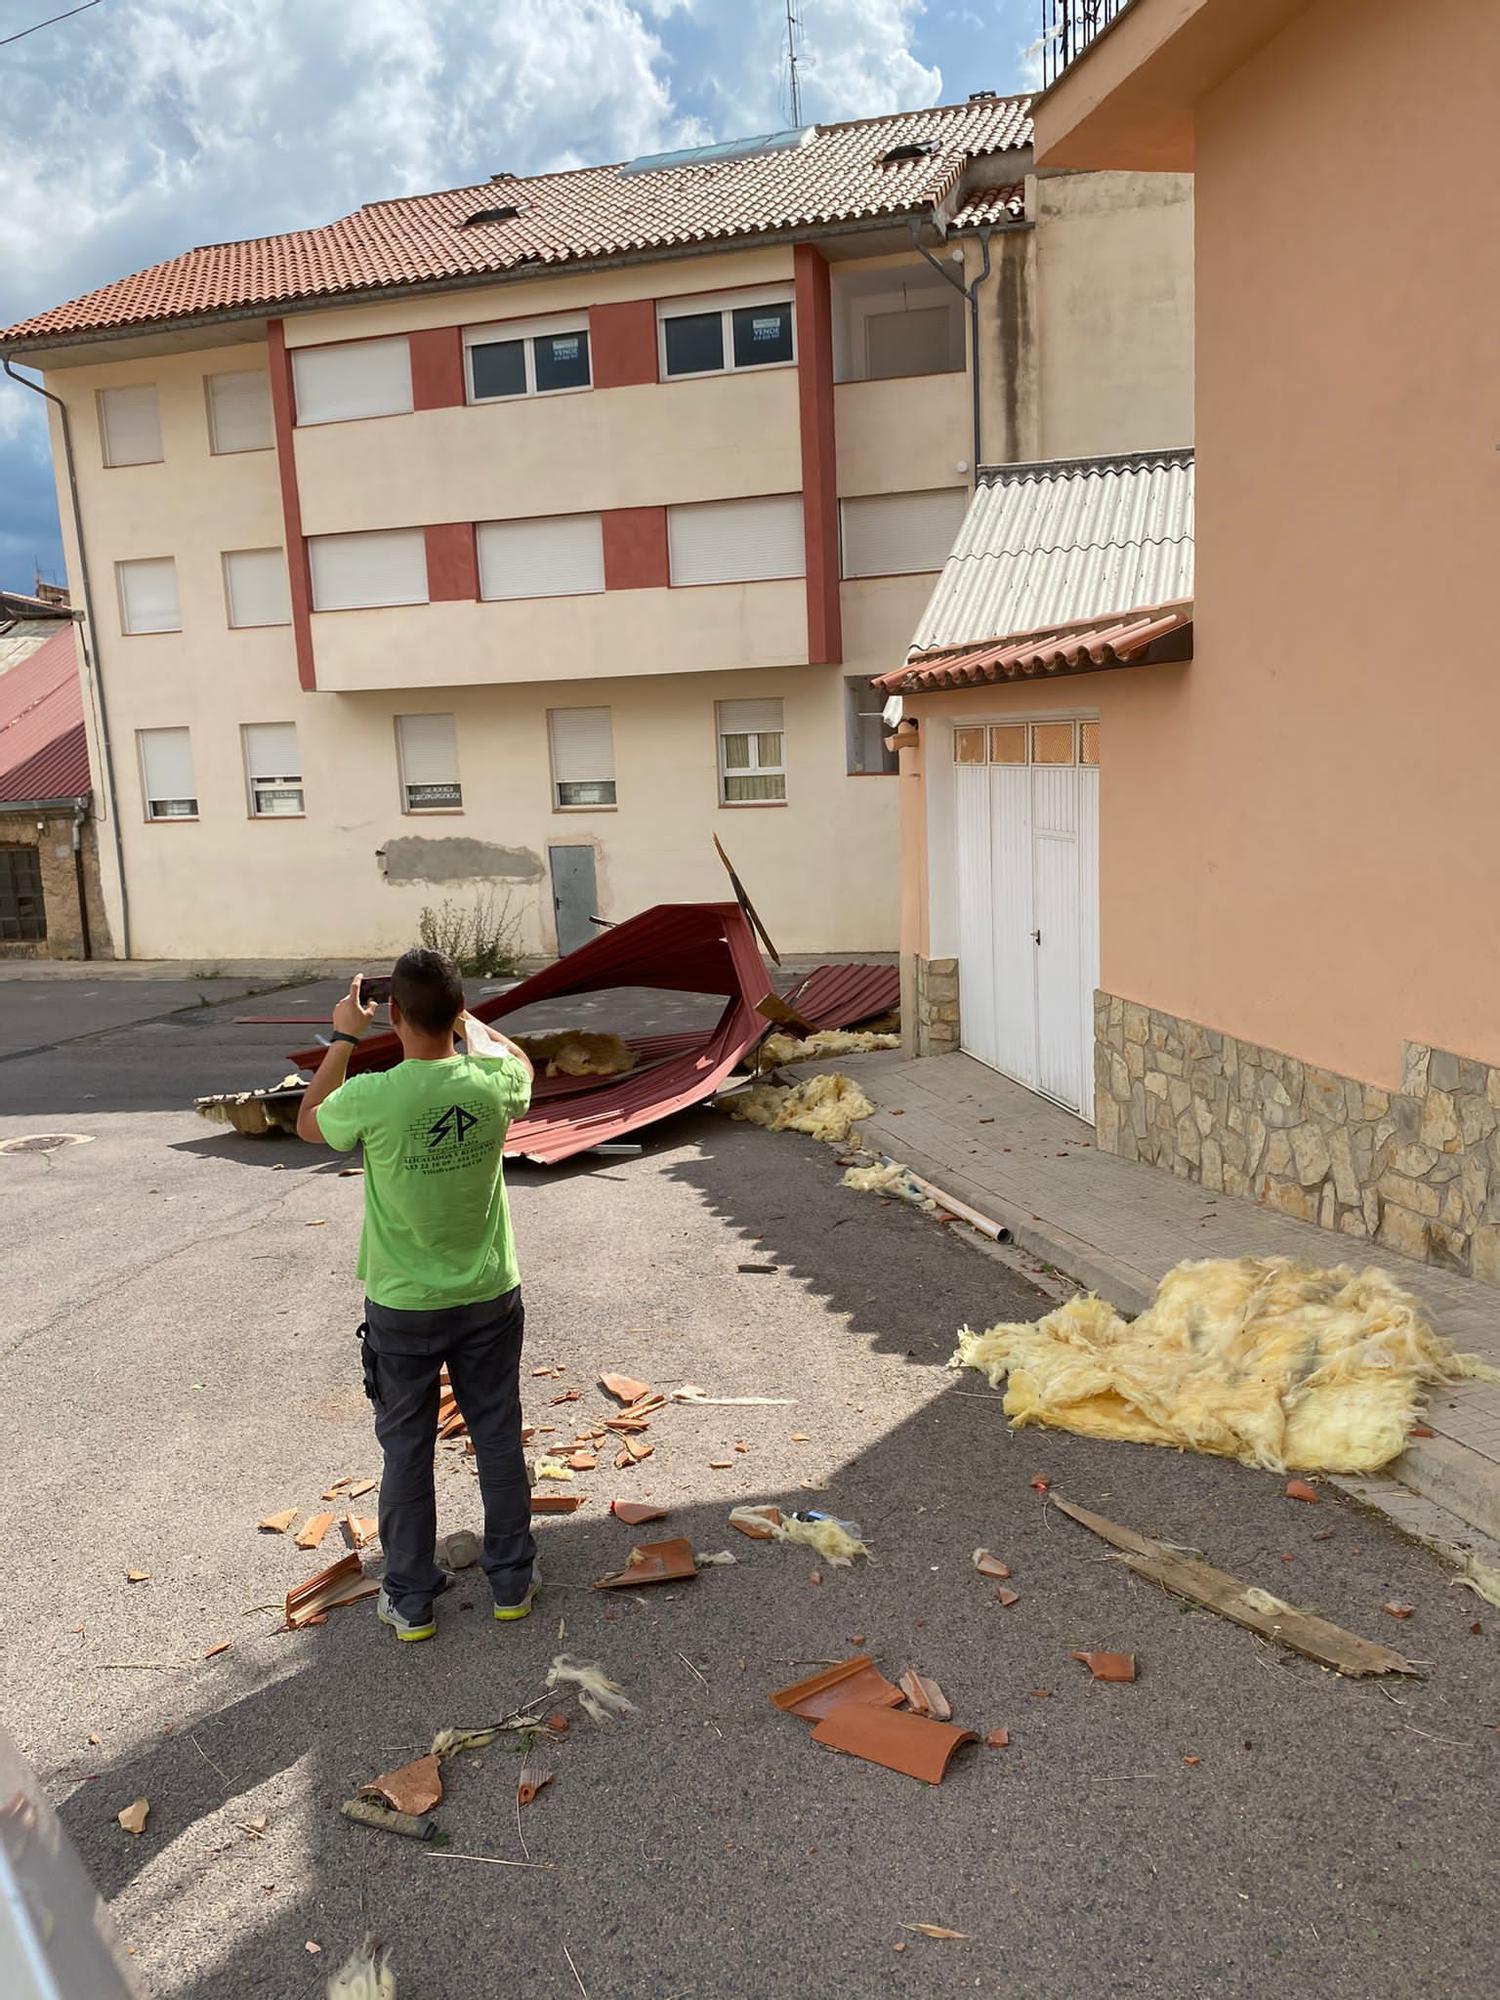 Las mejores imágenes del tornado histórico que ha sorprendido a Vilafranca